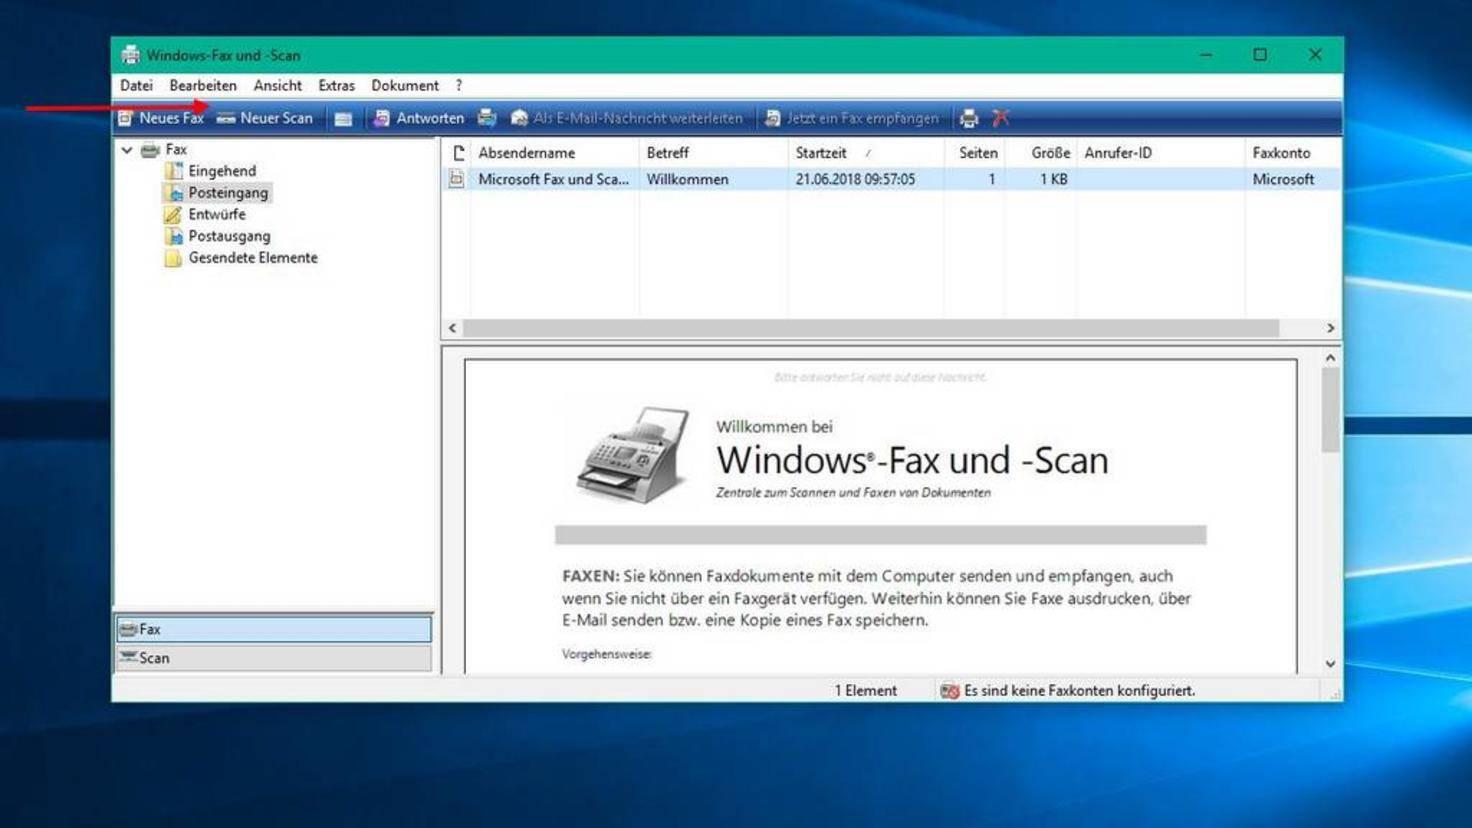 Windows-Fax-und-Scan